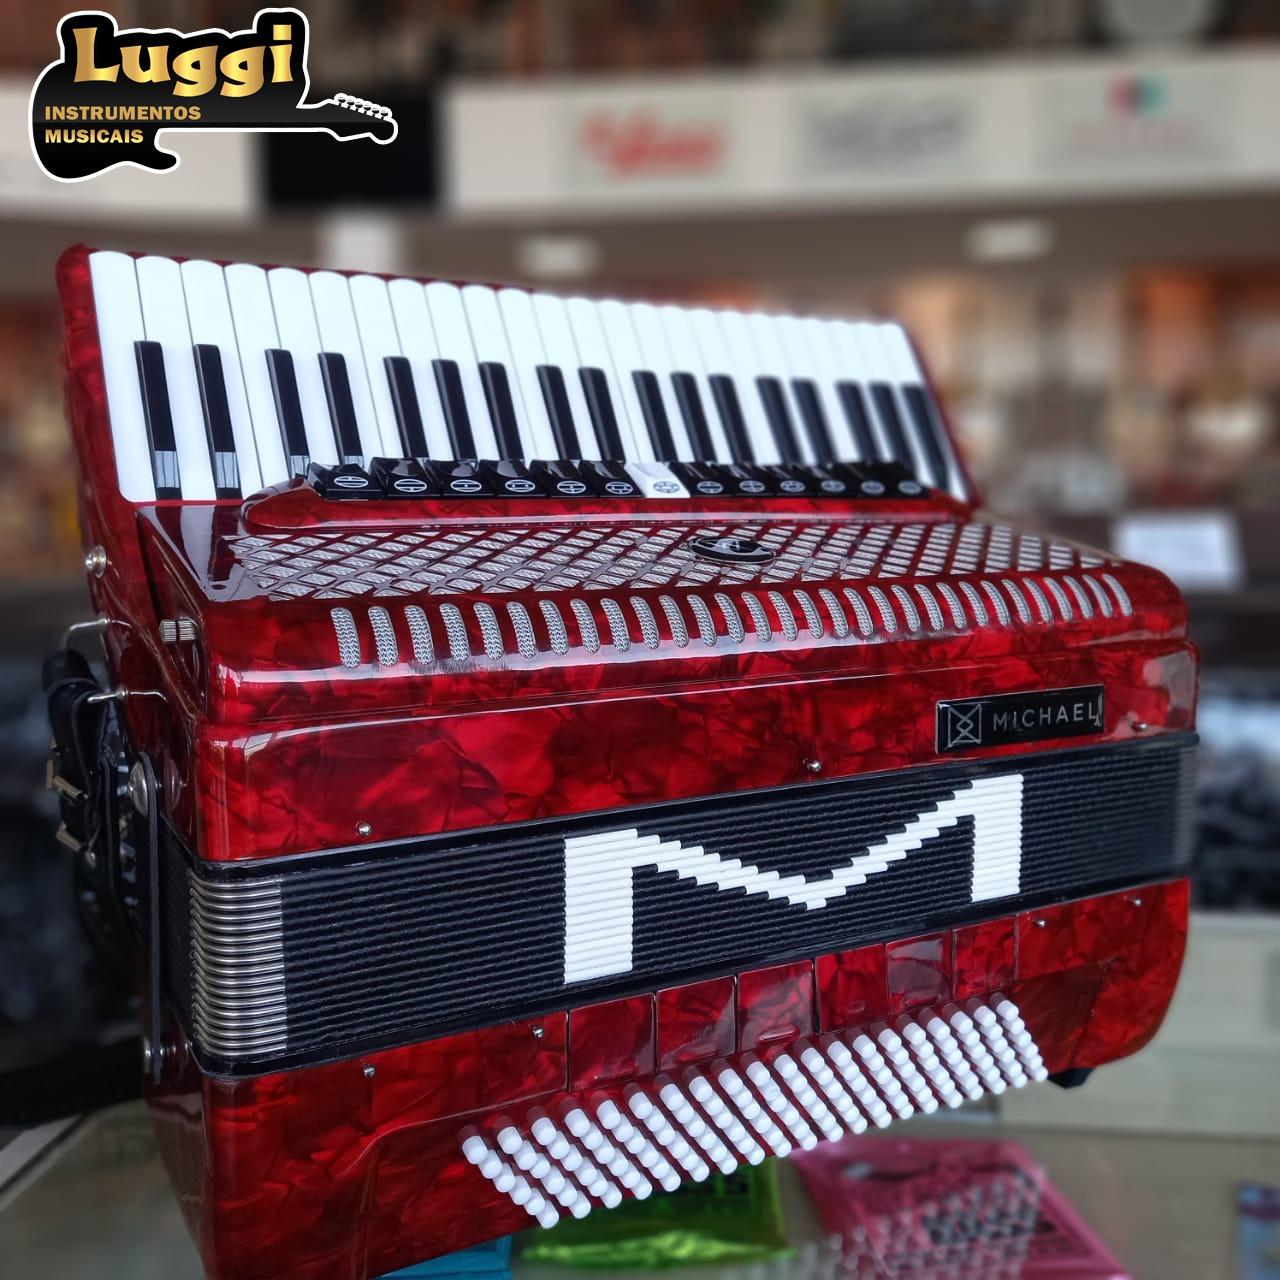 ACORDEON MICHAEL 120 BAIXOS ACM12013-6N VERMELHO PEROLADO  - Luggi Instrumentos Musicais